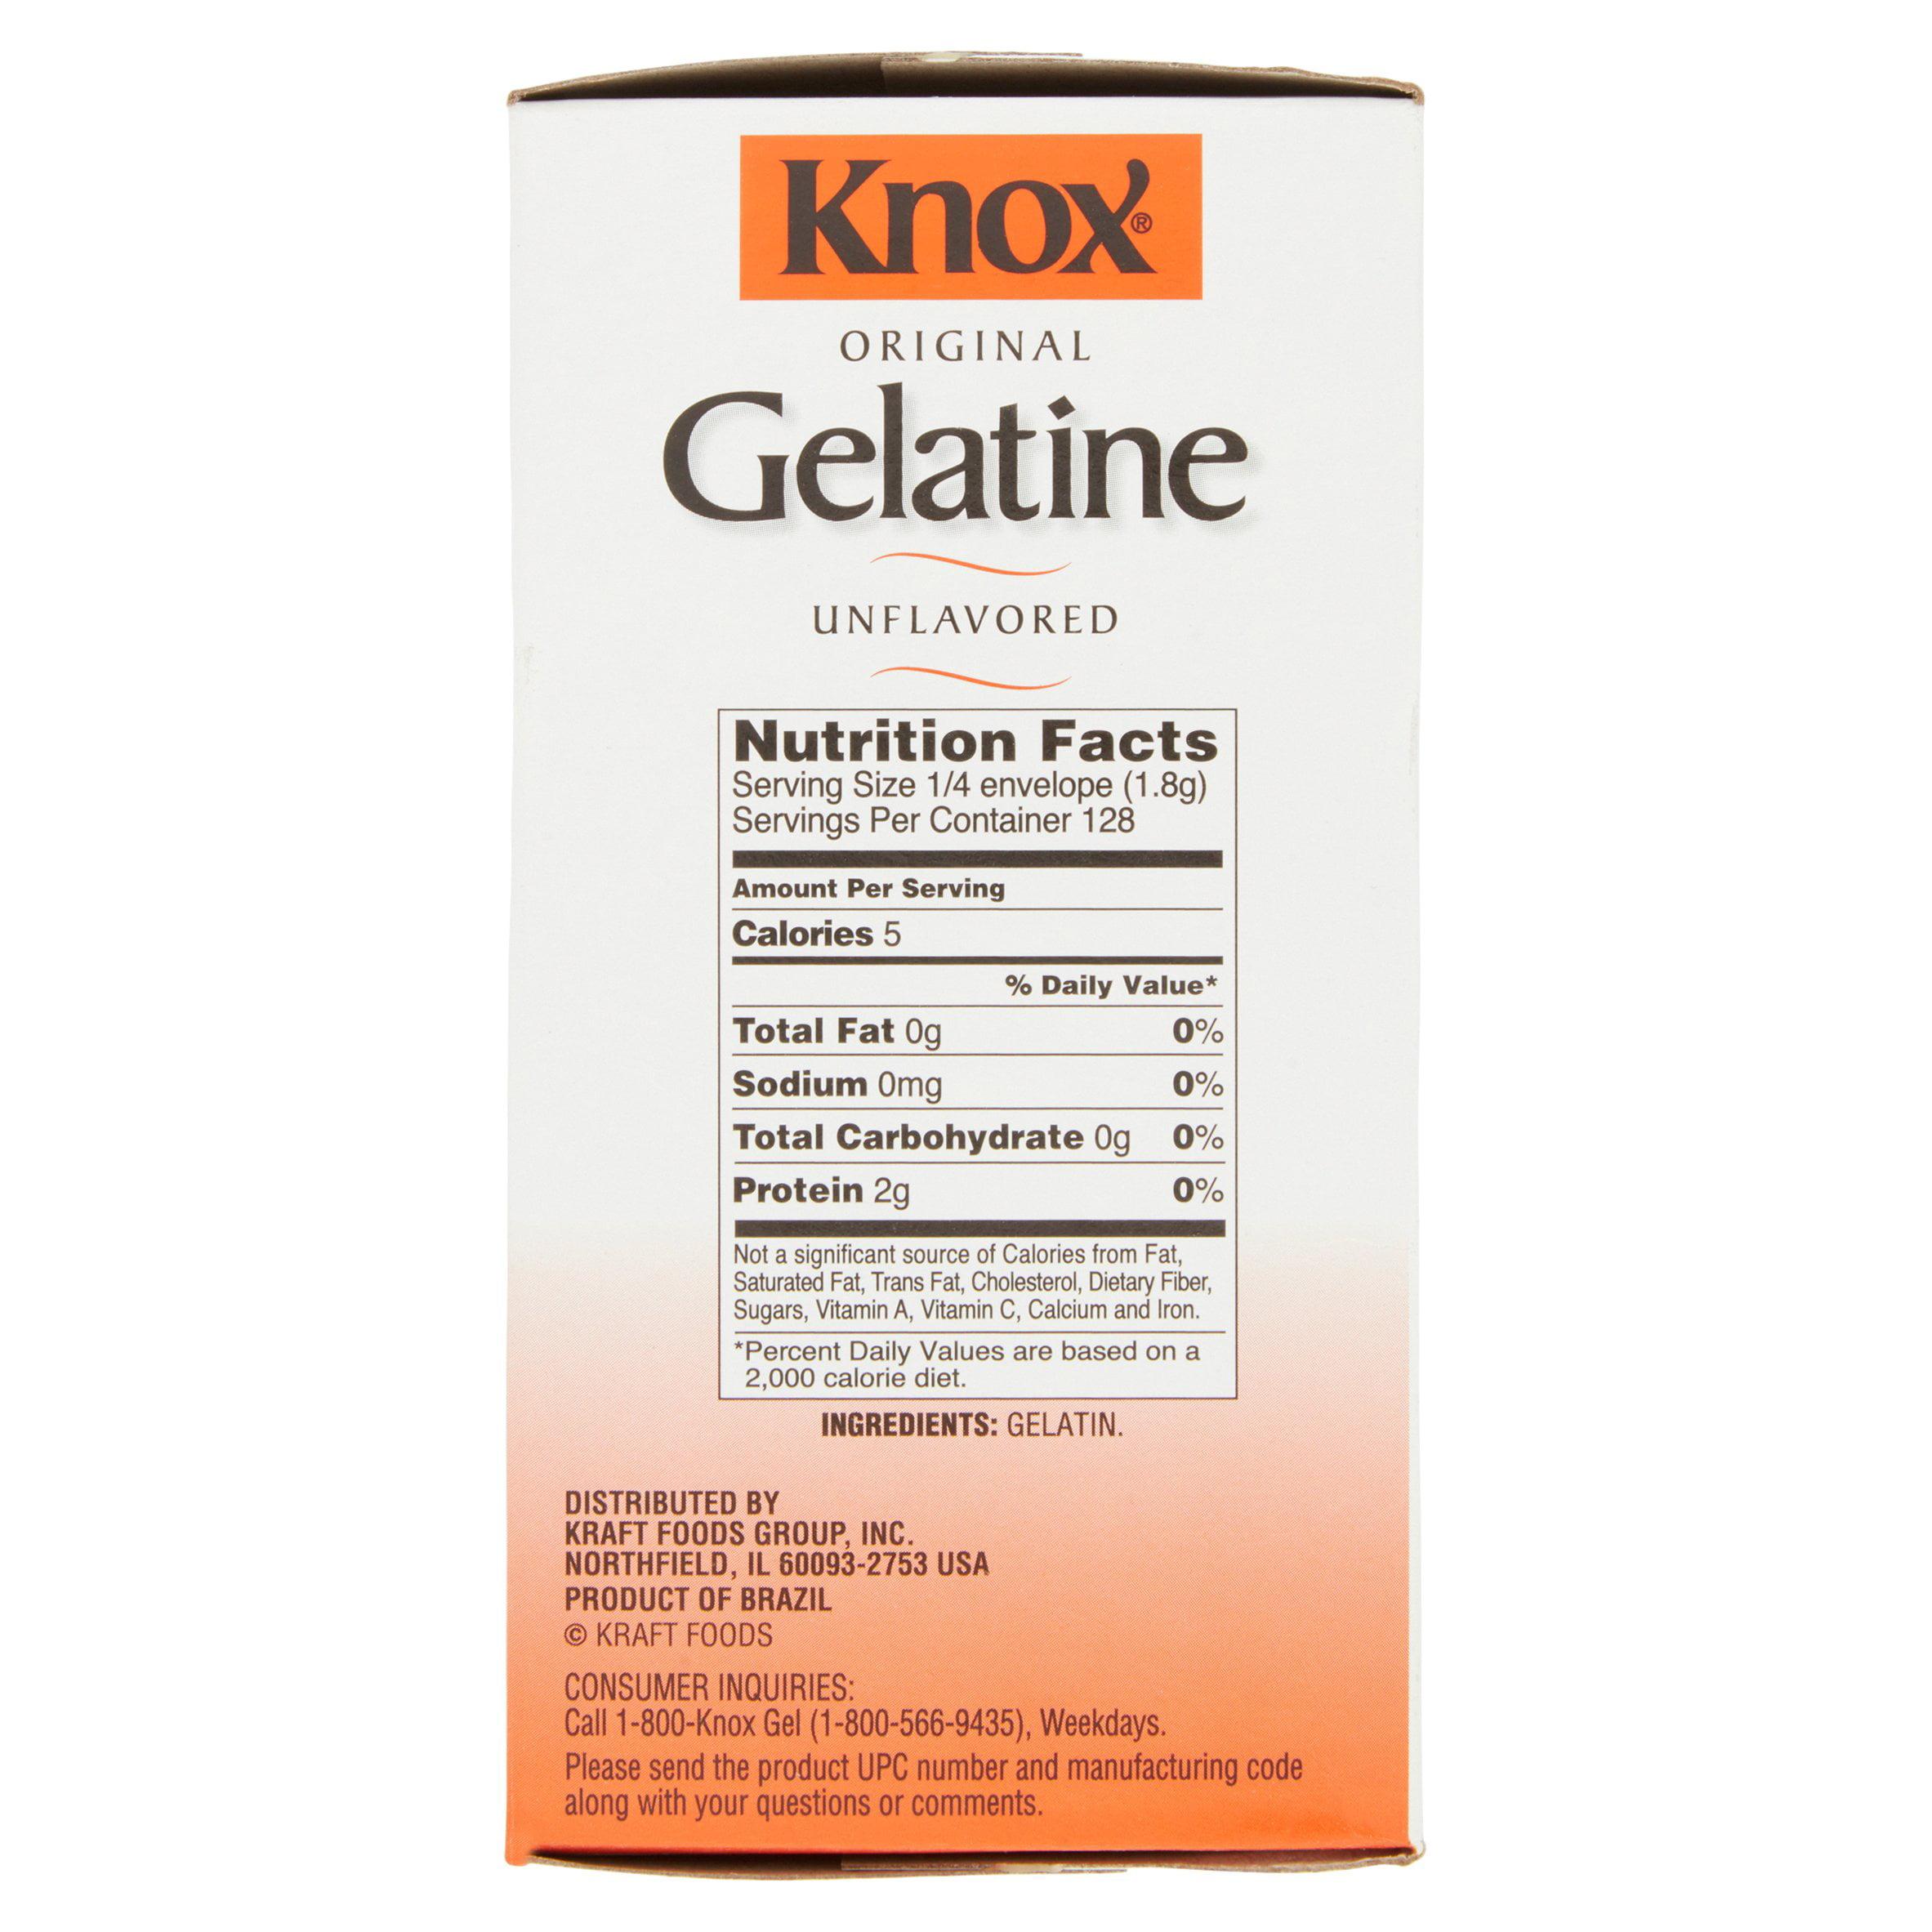 Knox Gelatine Unflavored Original 32